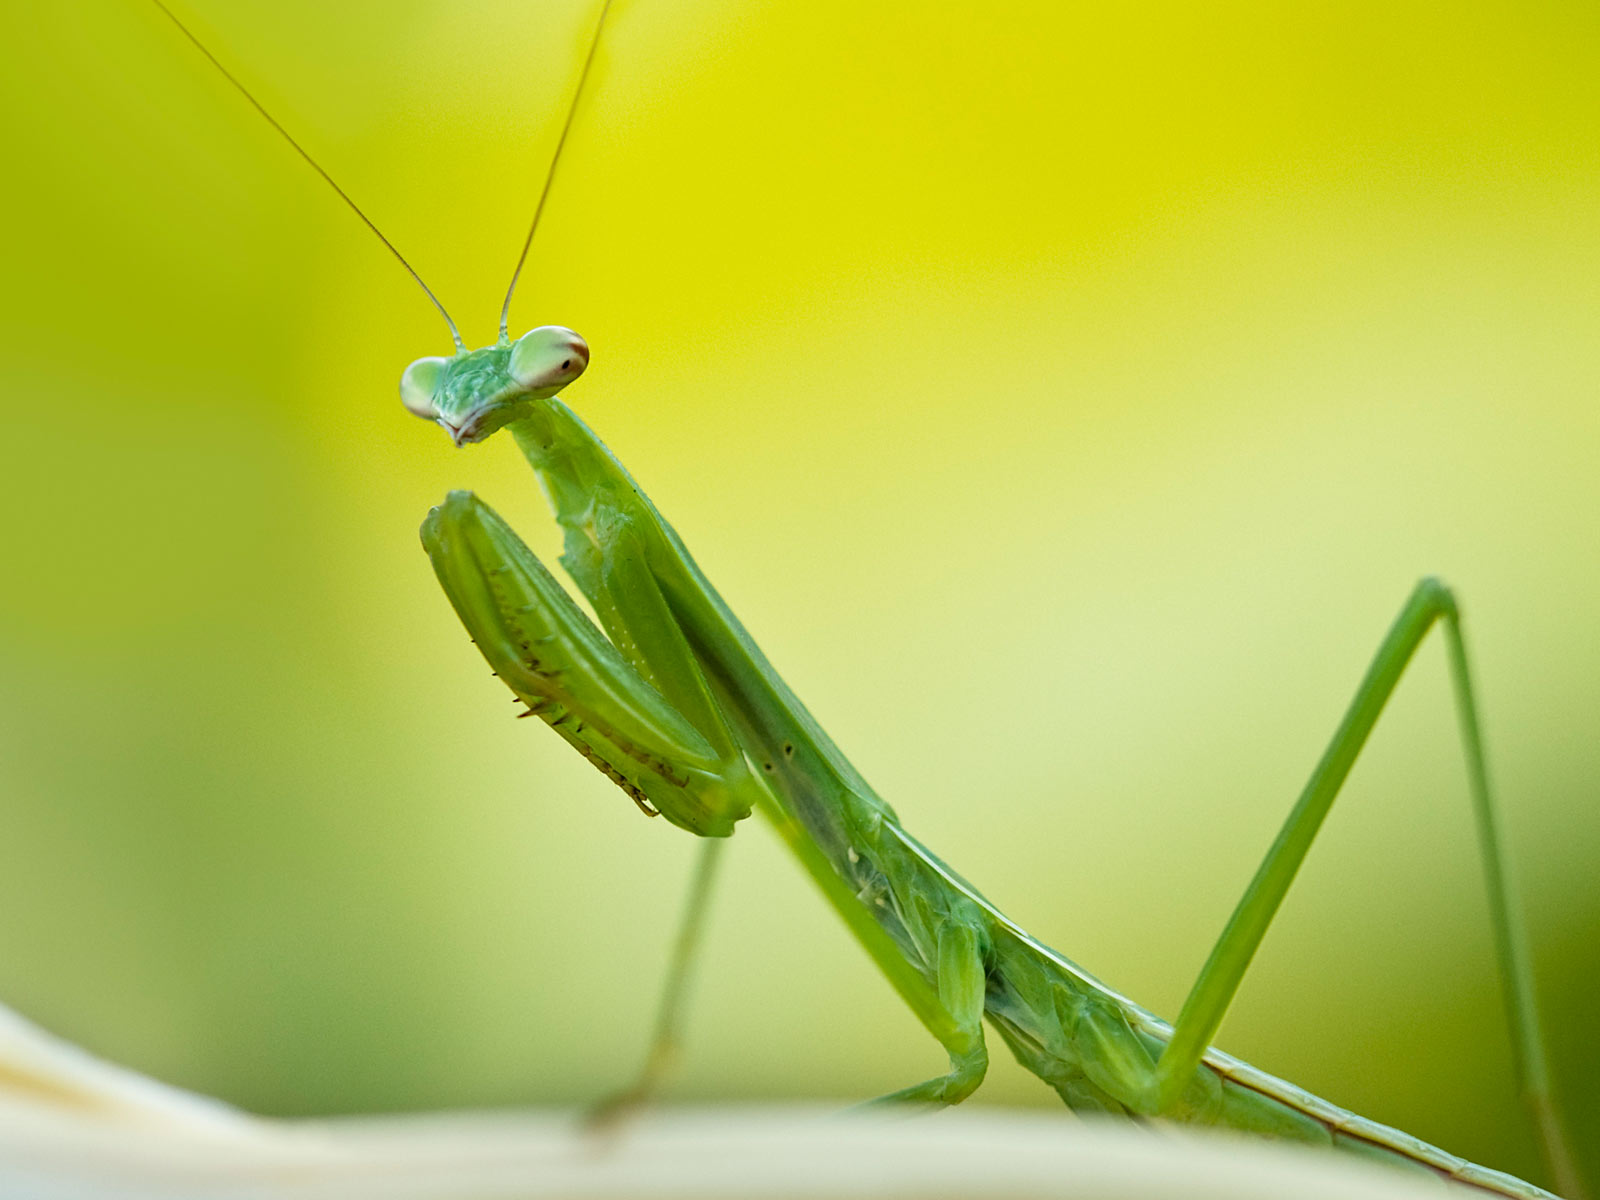 Cool Praying Mantis Wallpaper 37736 1920x1080 px